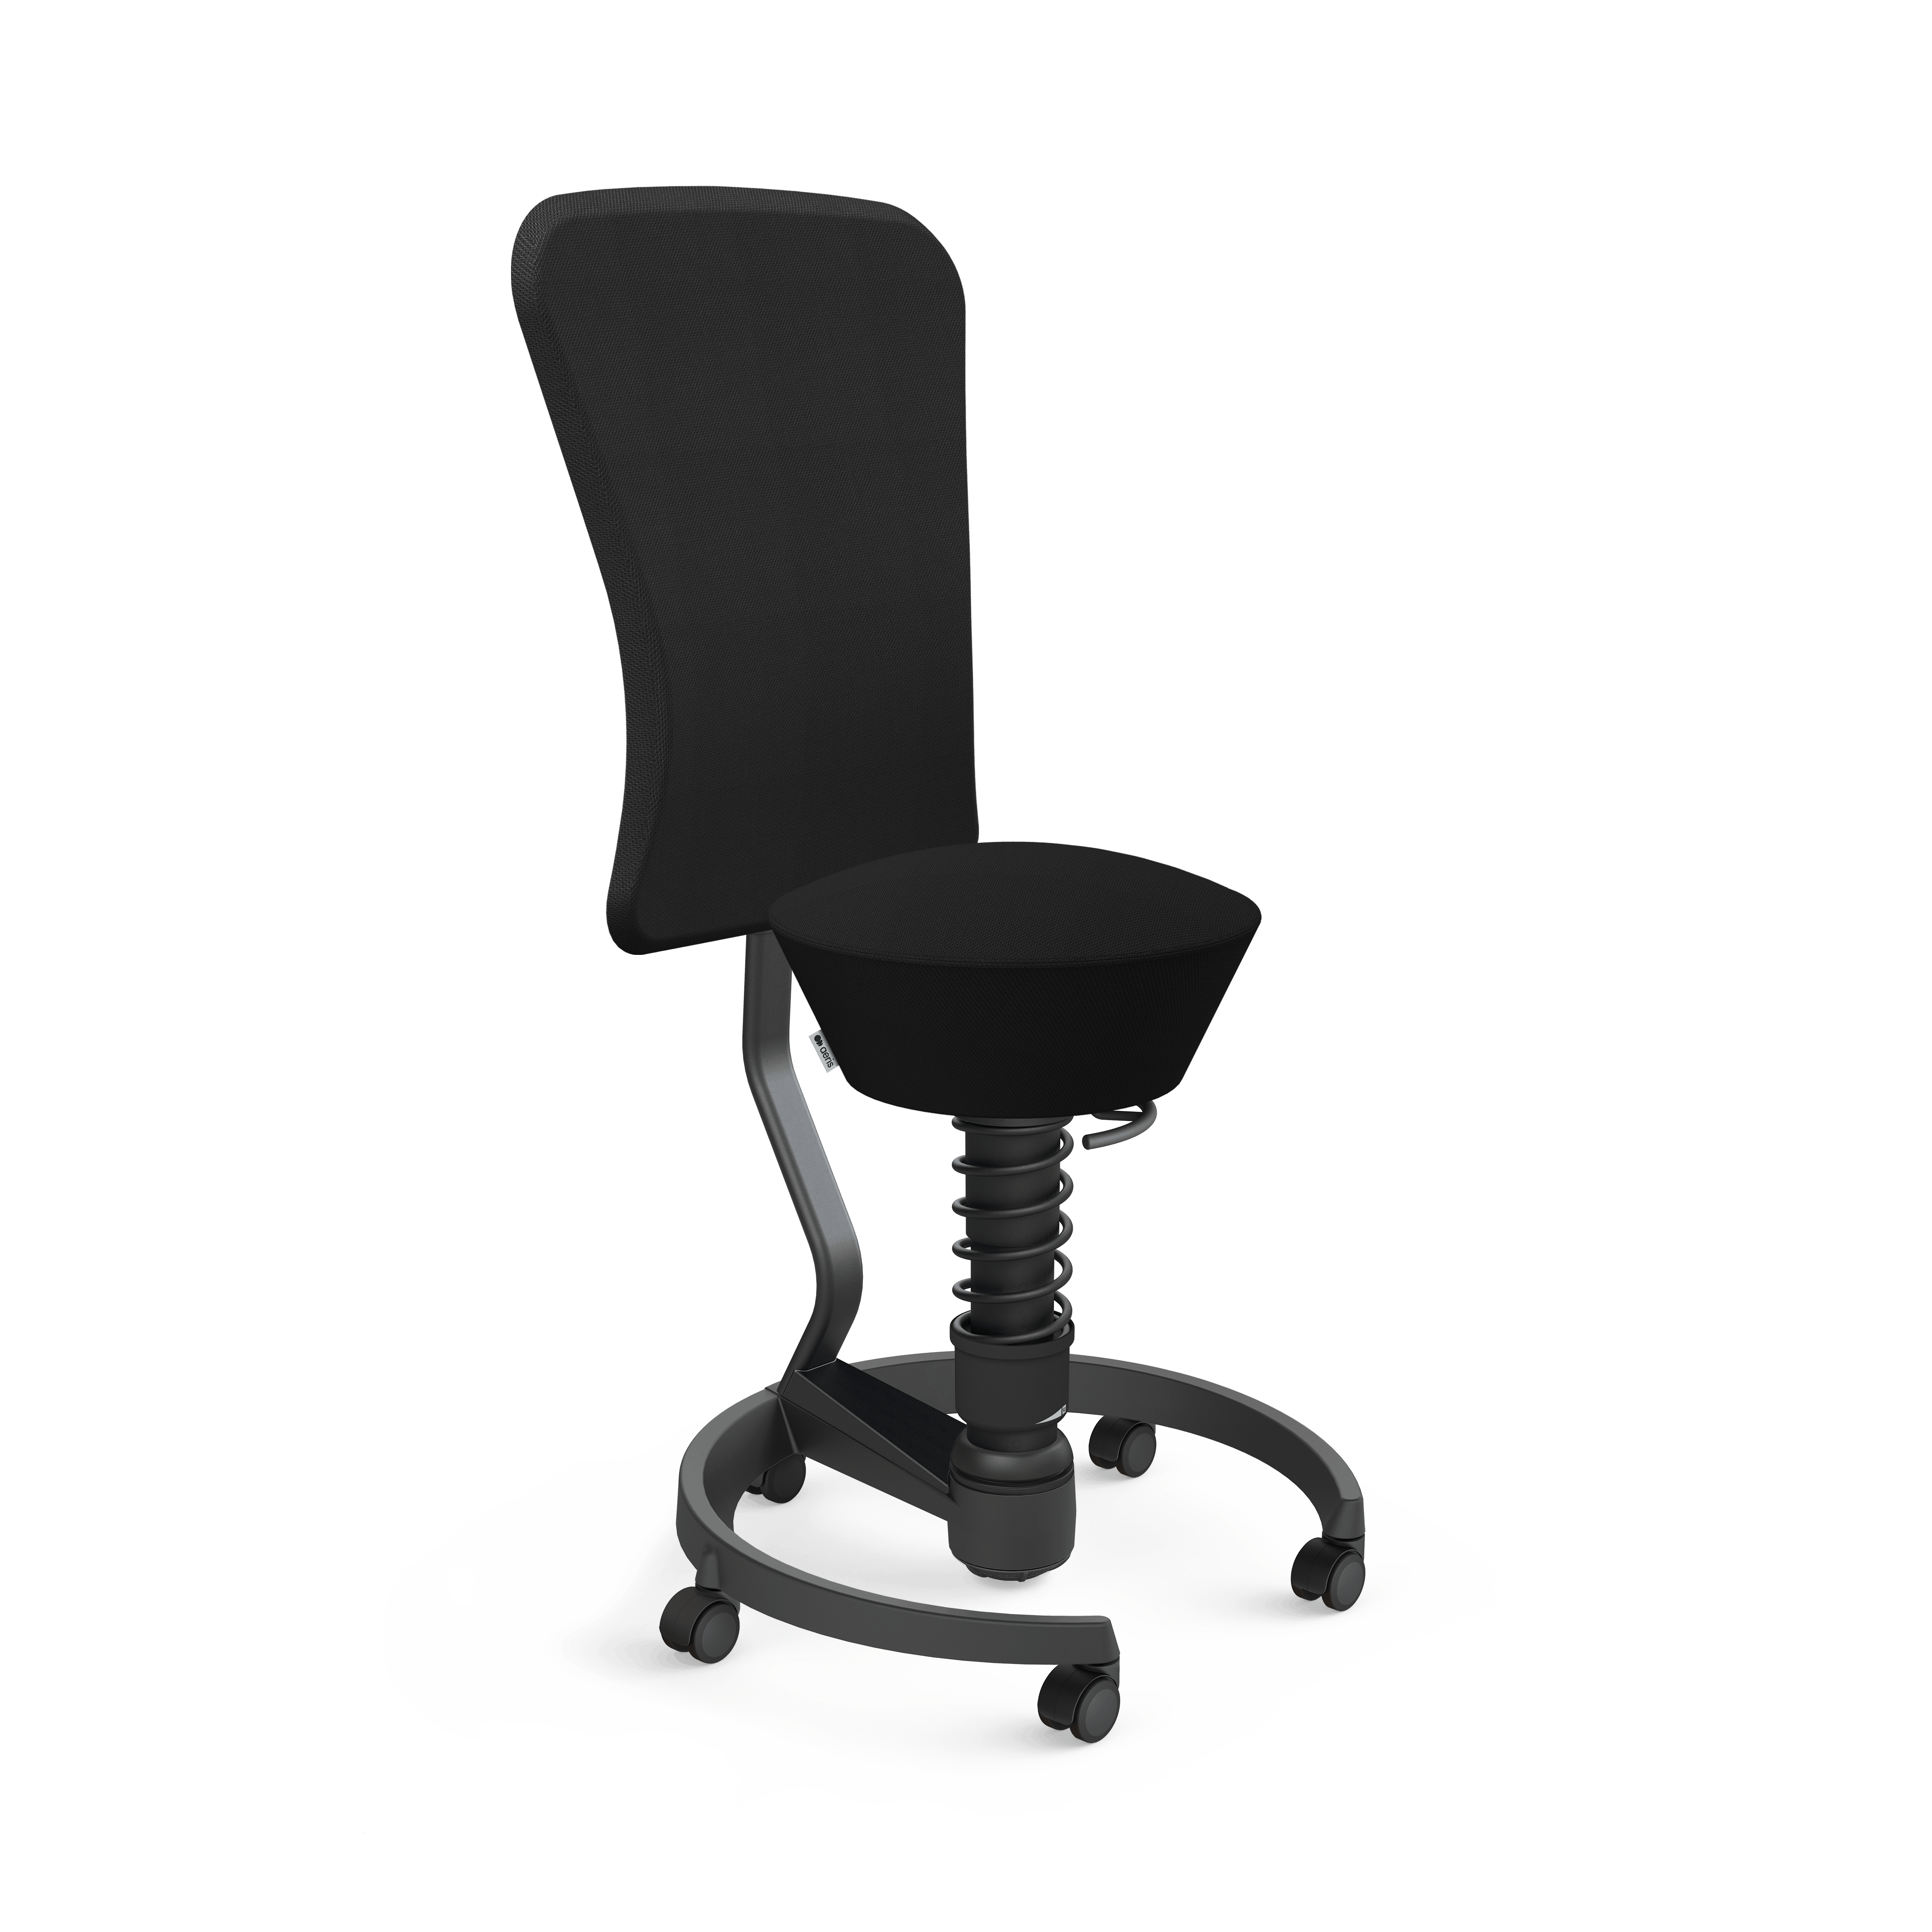 103 hb stbk bk se01 aeris swopper backrest castors hard floor standard black black select black 01